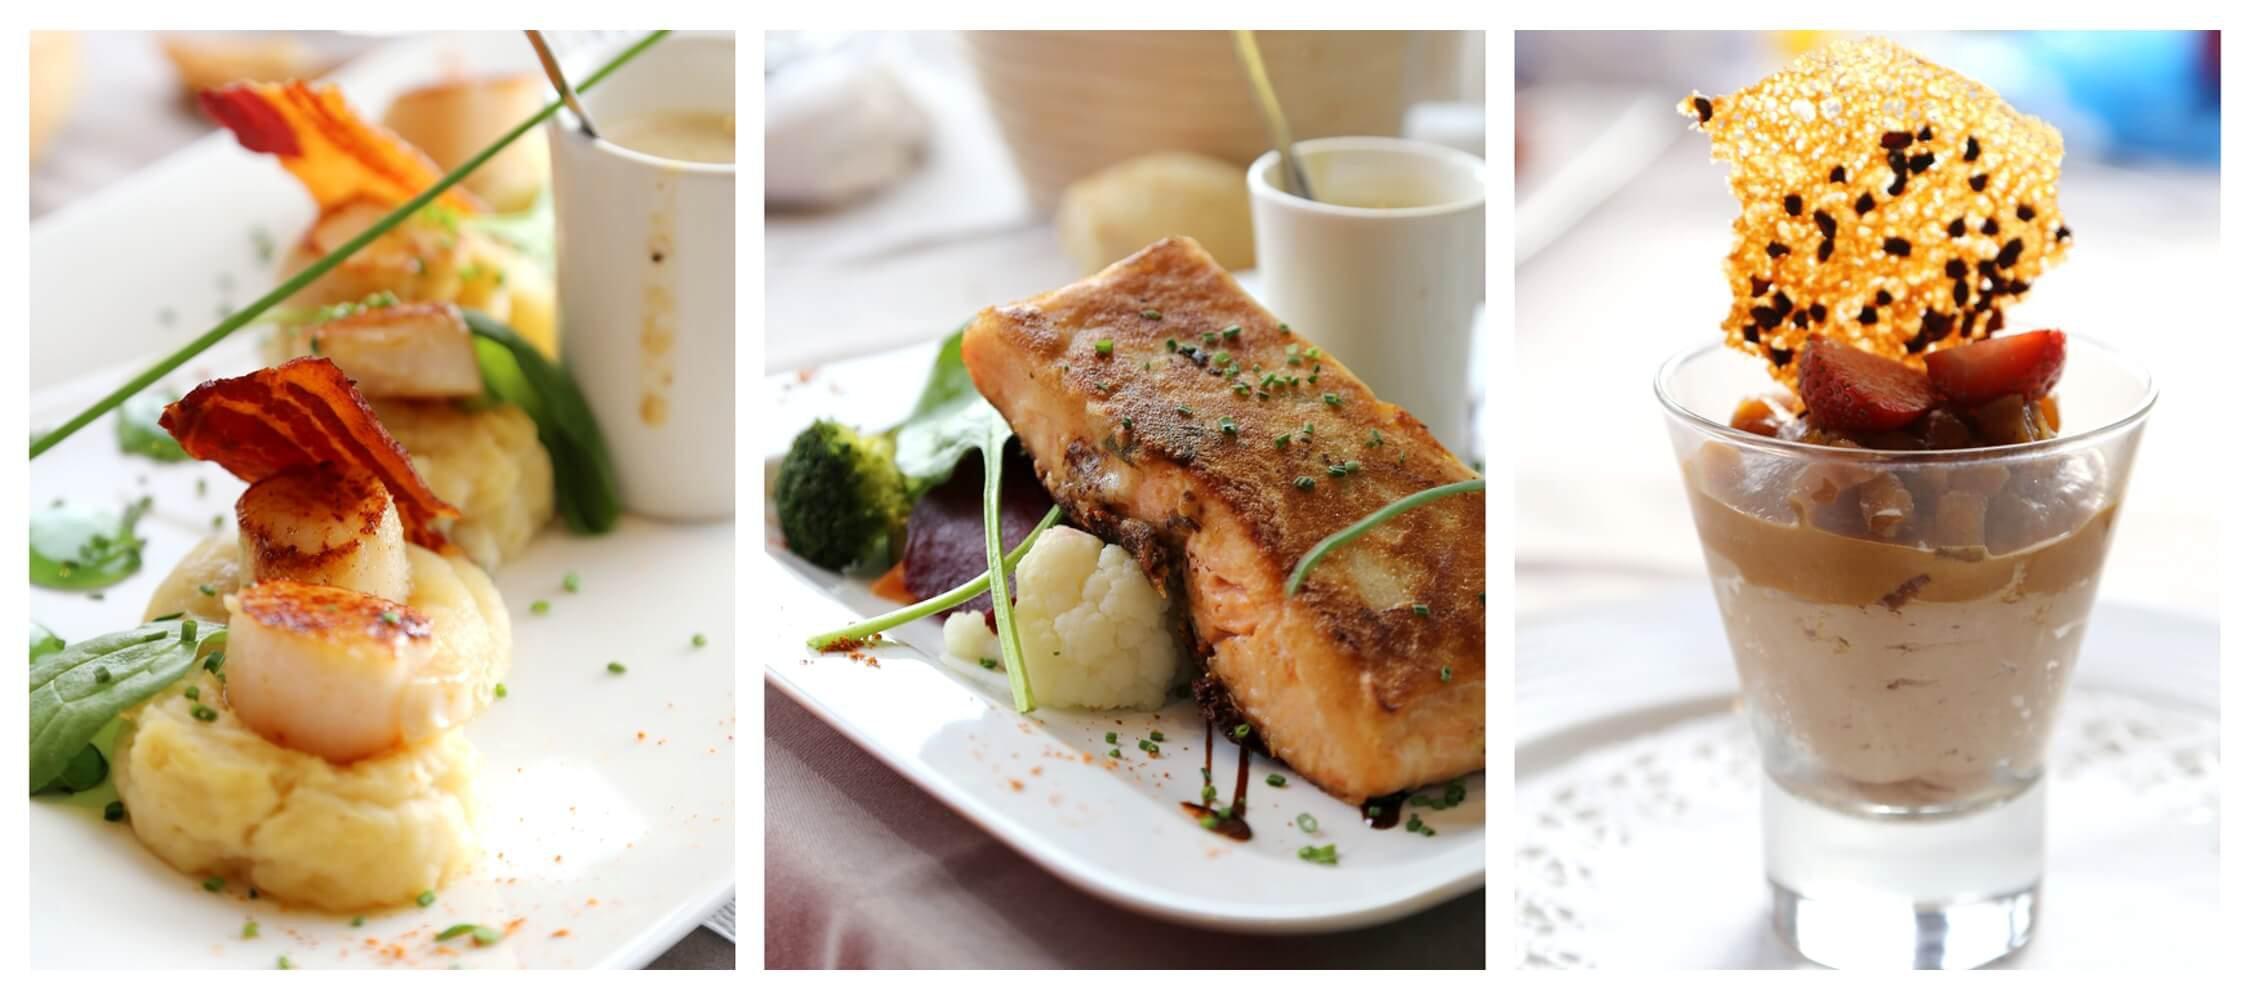 Restaurant The Gallery im City Hotel Meran, Fisch, alpin-mediterrane Küche, Anipasti, Vorspeisen